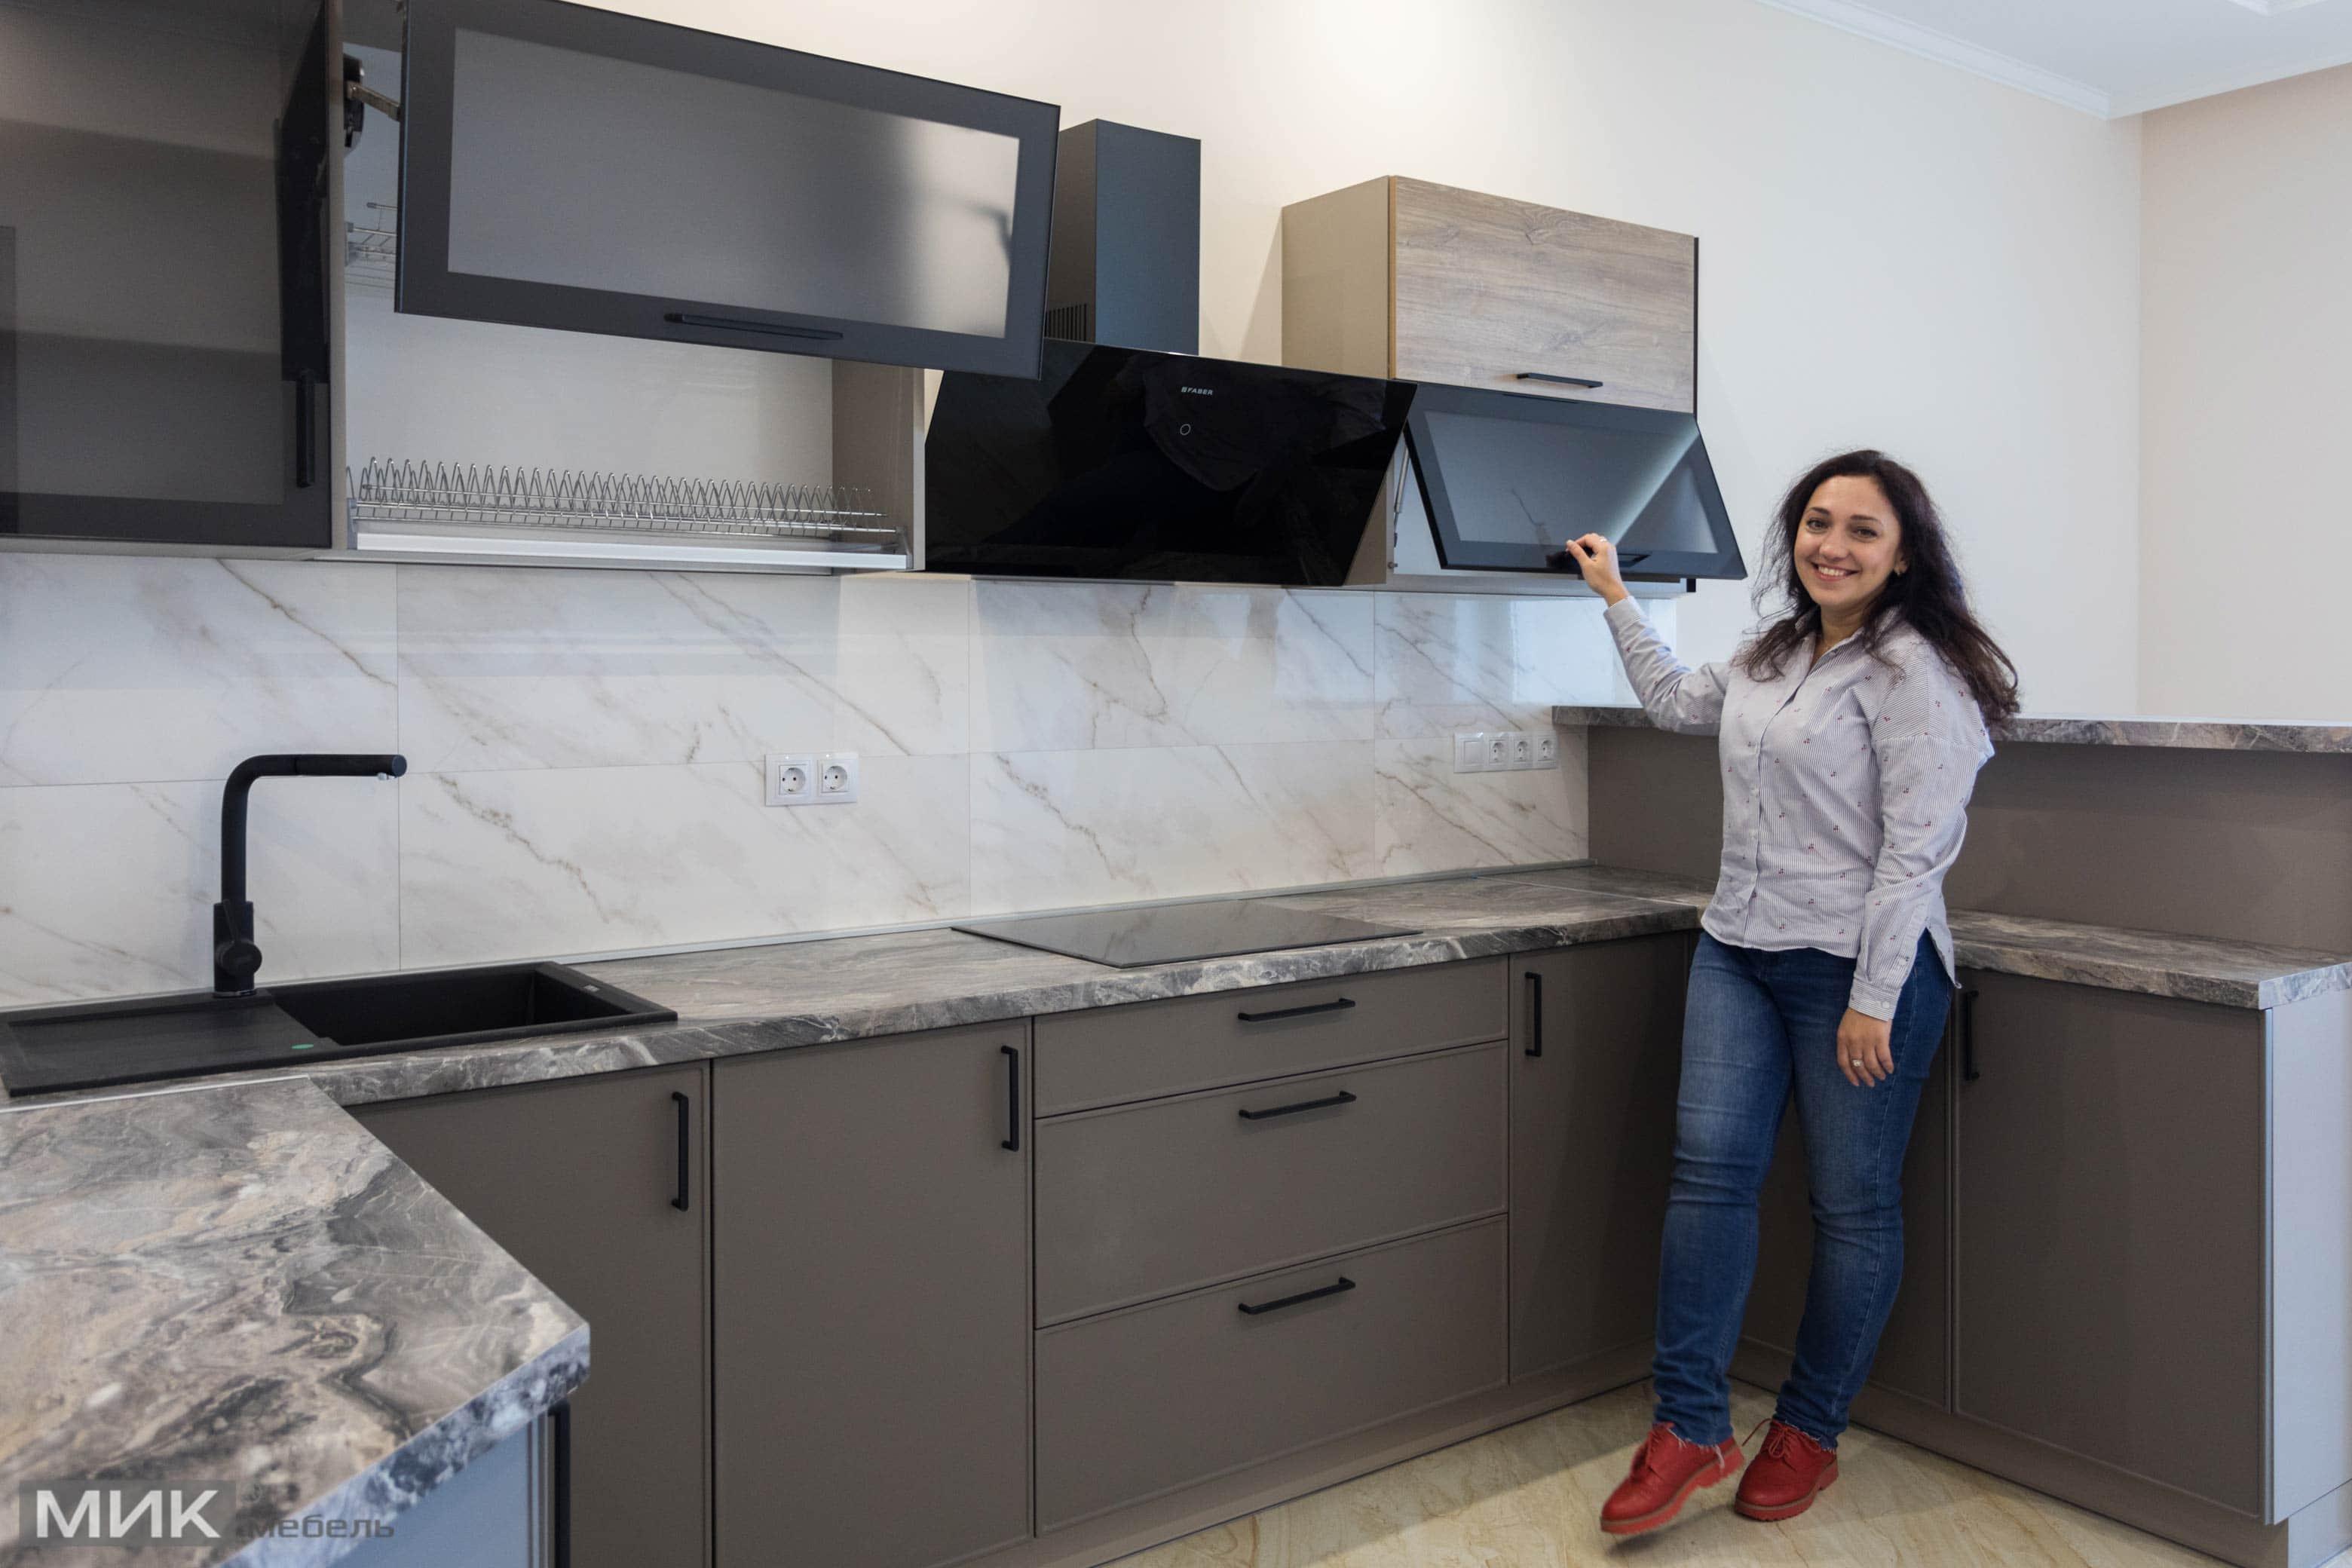 Мария Мельникович на серой кухне кухне